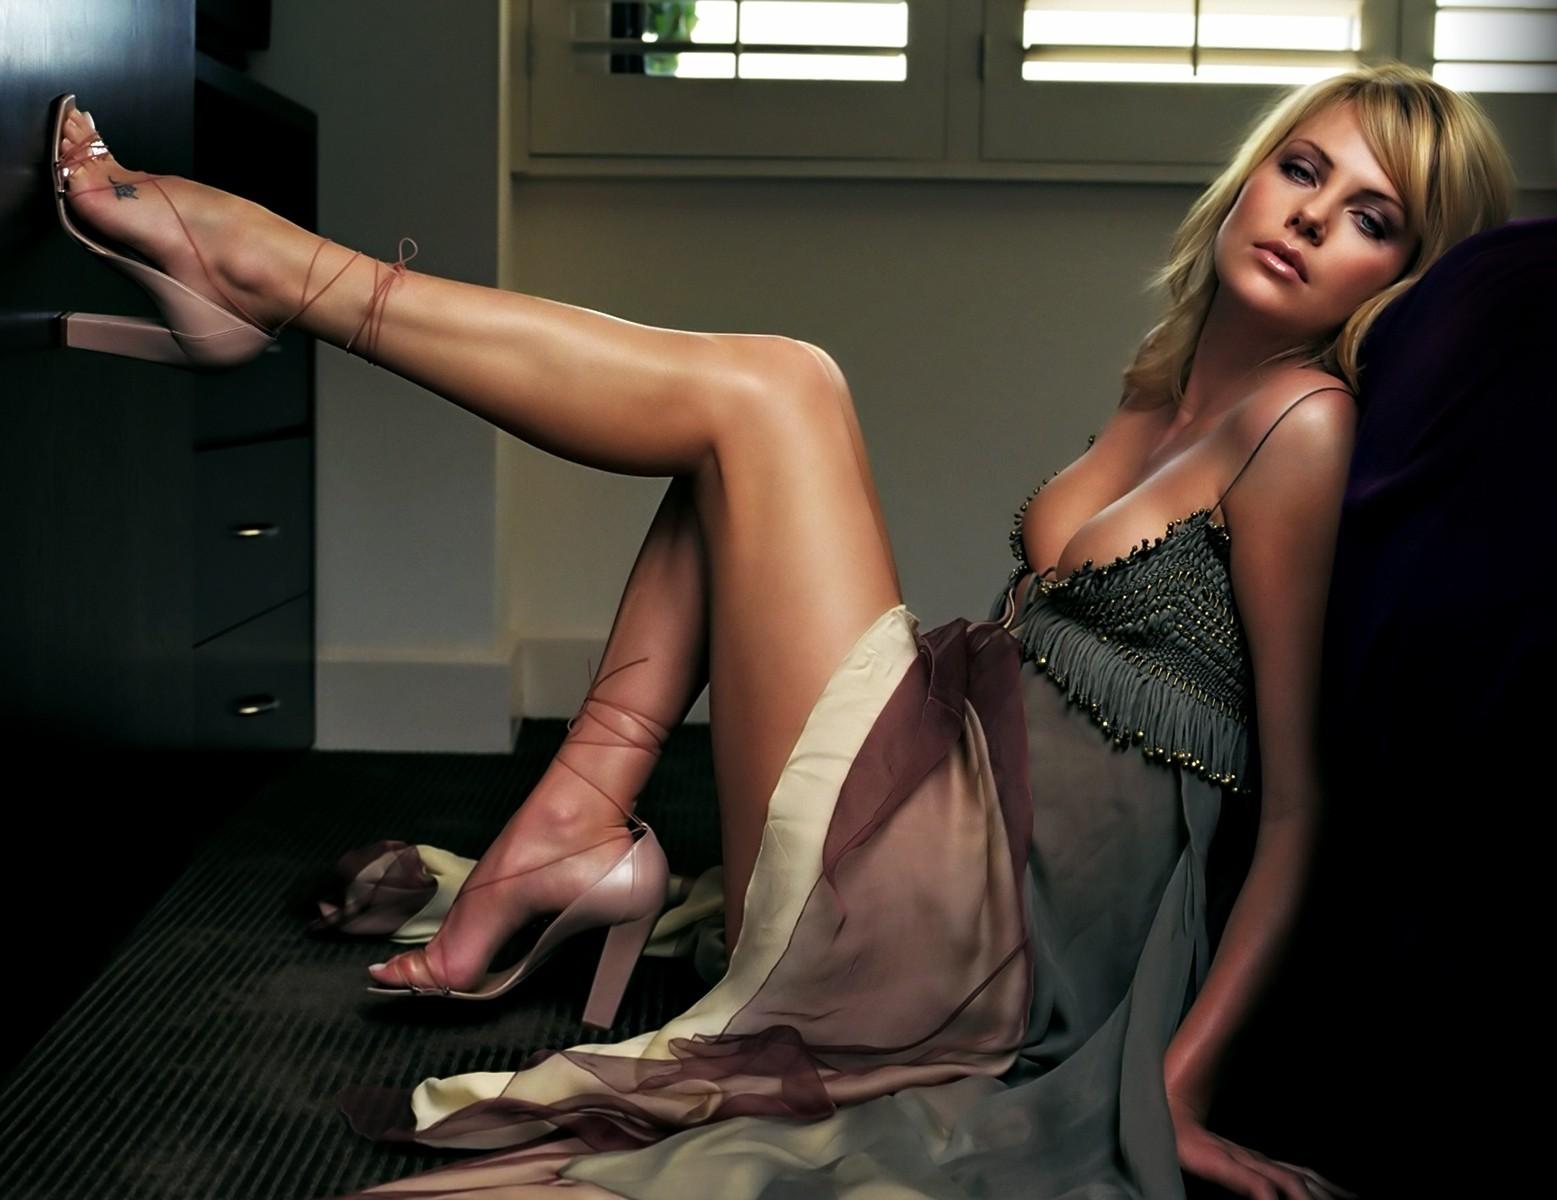 взгляд как сексуальные ножки звезд фото слово, употребляется